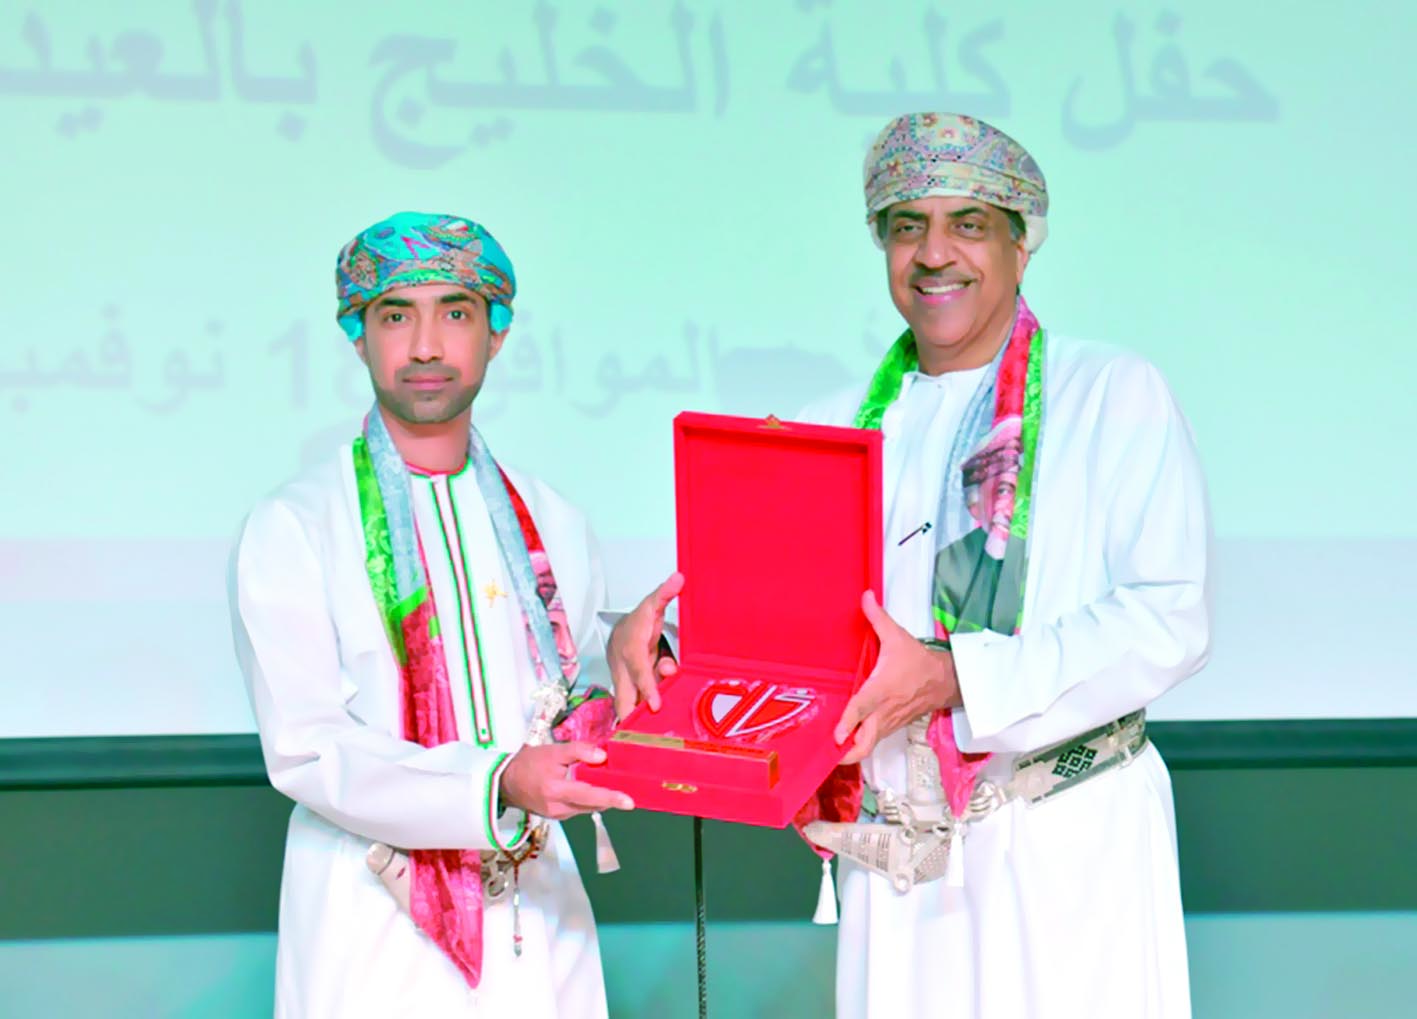 كلية الخليج تحتفل بالعيد الوطني الـ48 المجيد